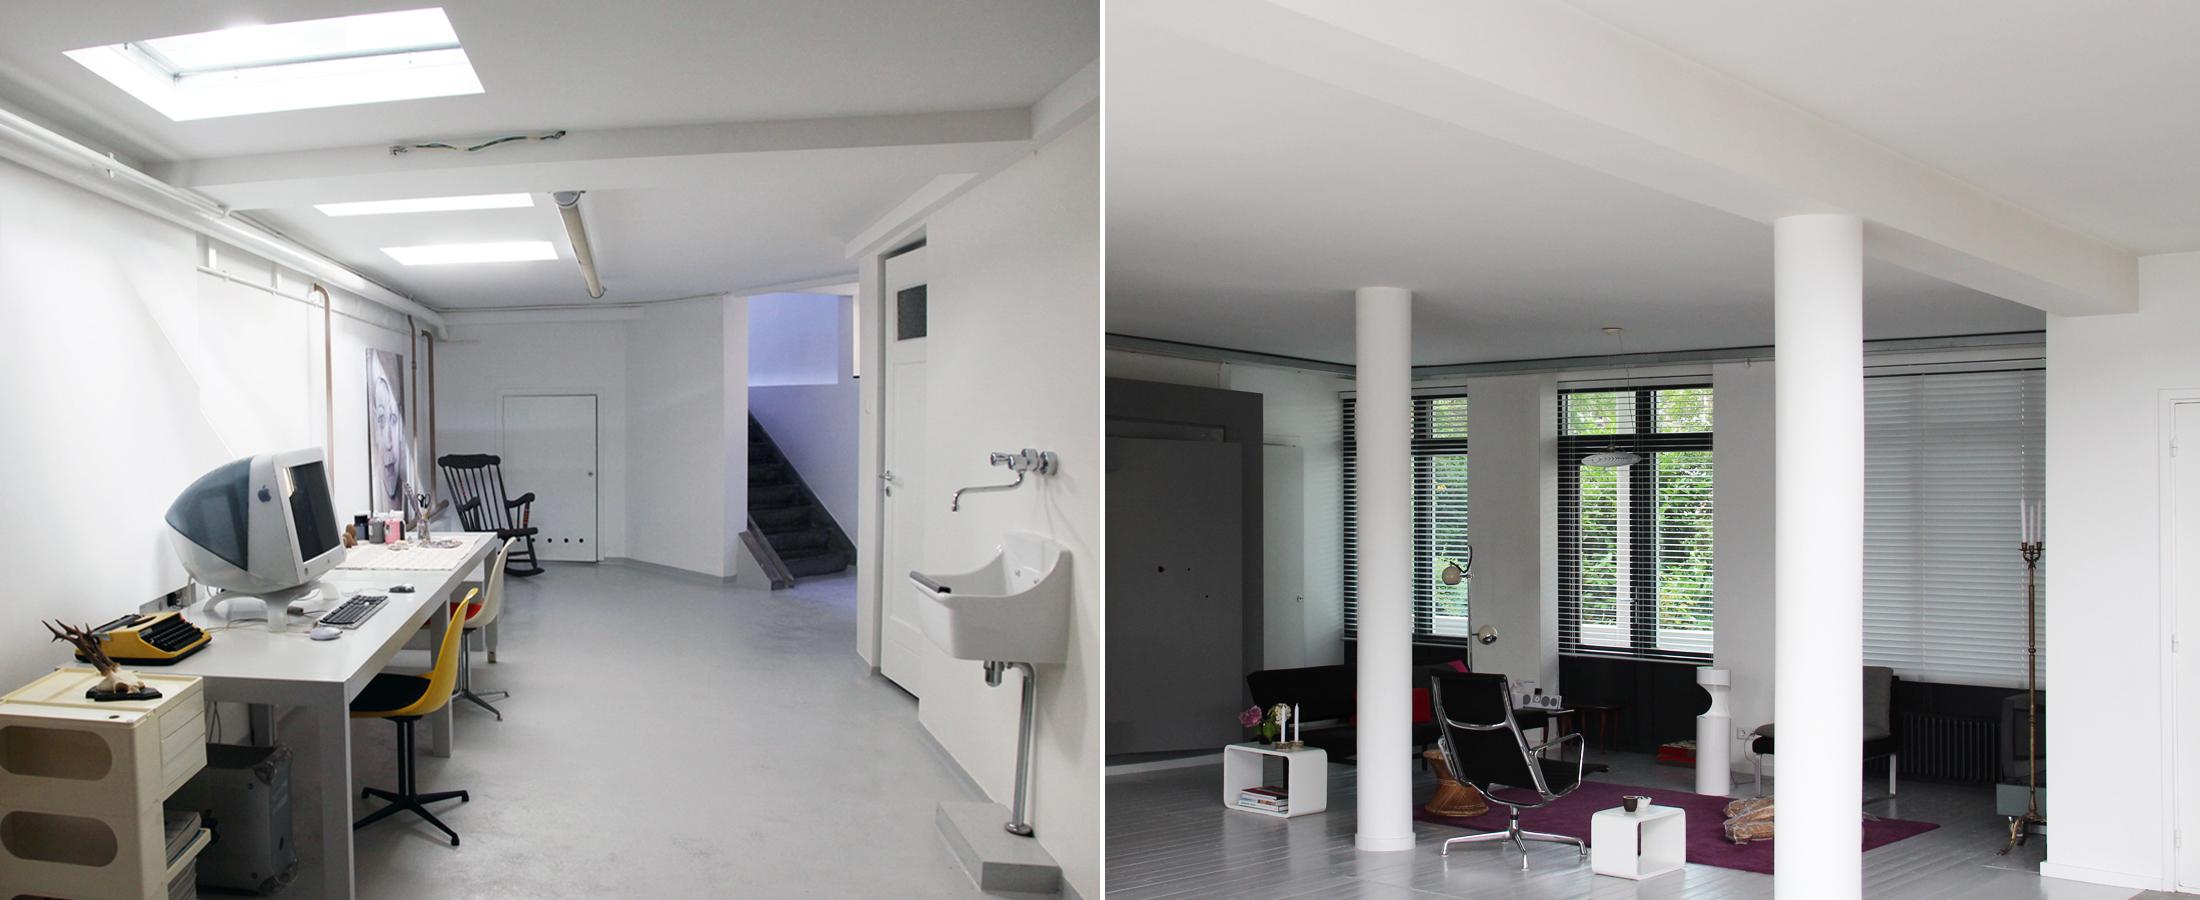 Woonstudio, Den Haag